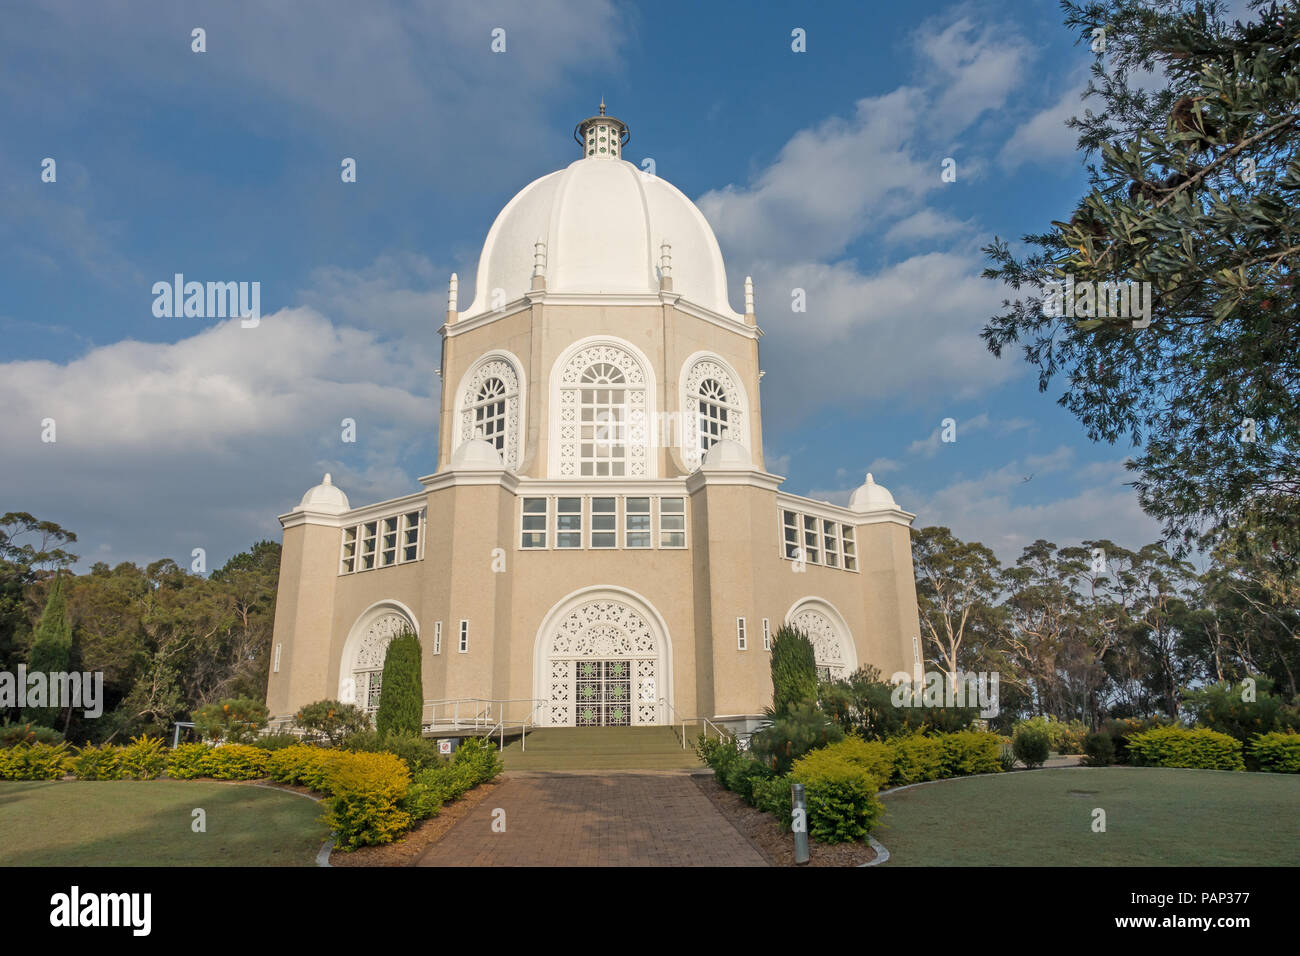 Baha'i Temple, House of Worship, Sydney Australia. - Stock Image